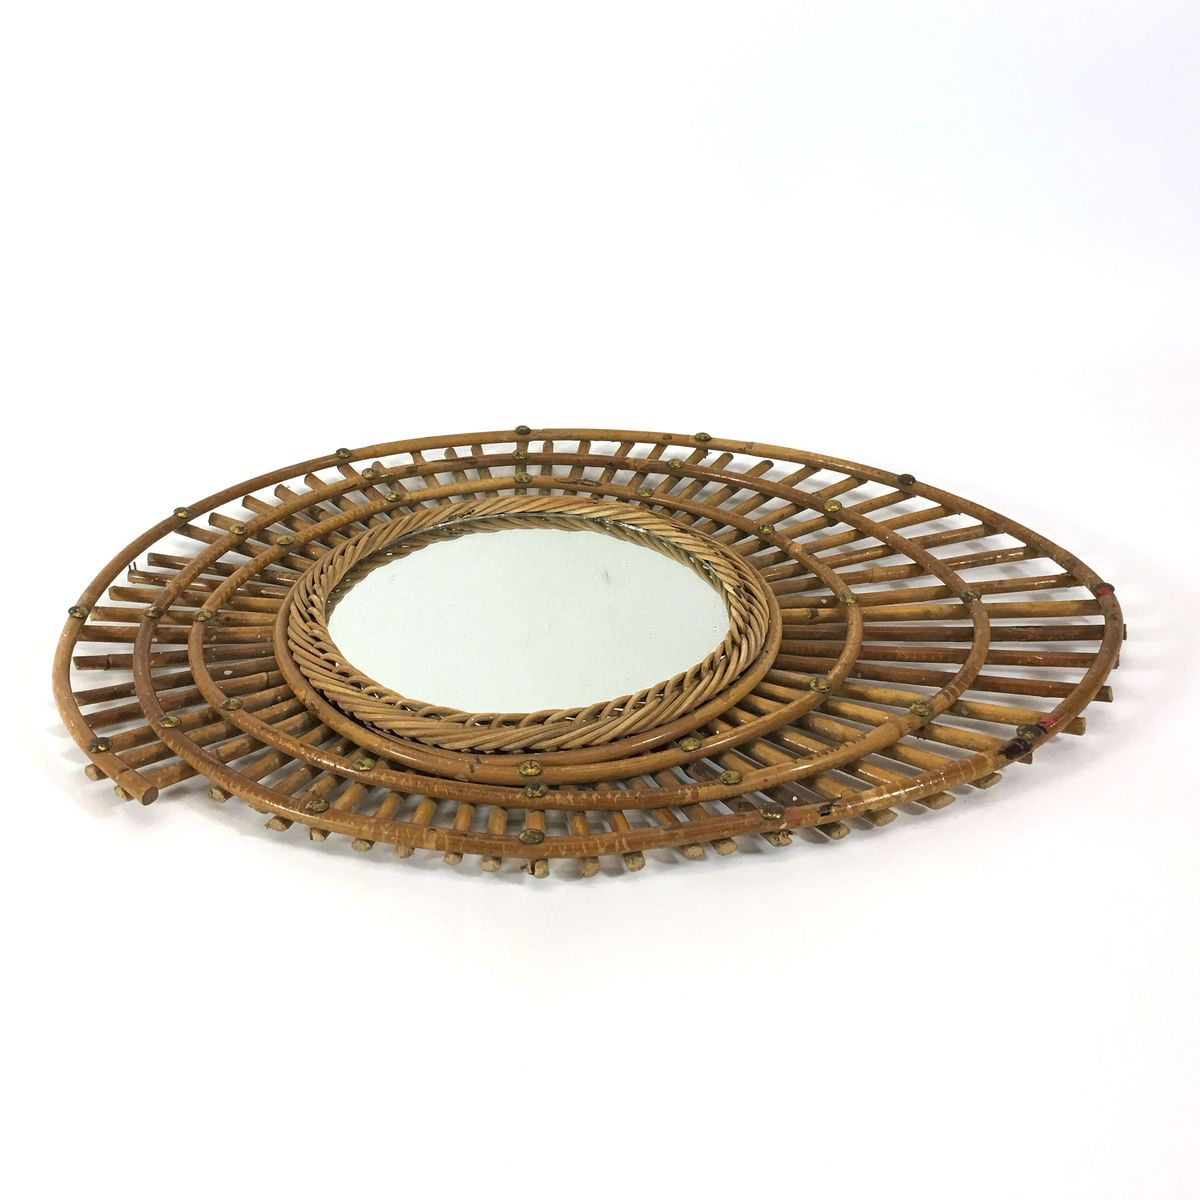 franz sischer vintage spiegel mit rahmen aus bambus bei. Black Bedroom Furniture Sets. Home Design Ideas